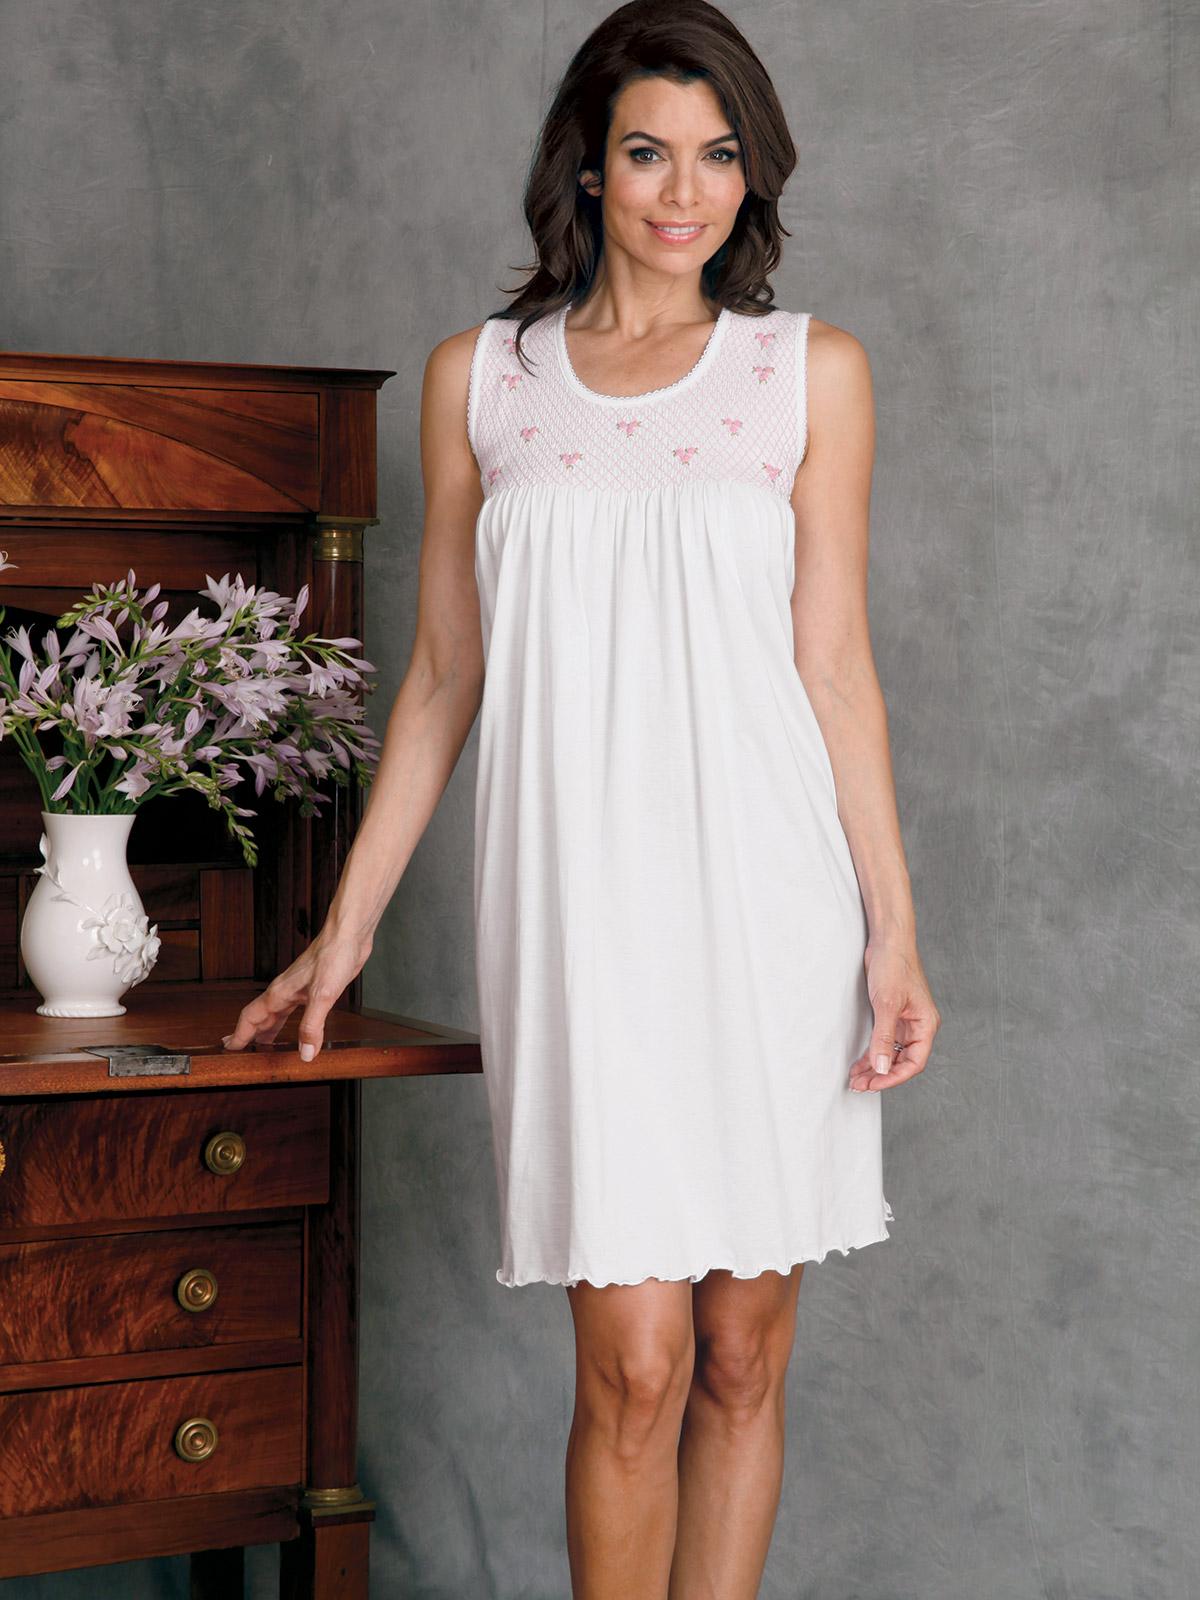 Women Plus Size Satin and Eyelash Lace Top and Boyshort Pajama Sleepwear Set | eBay